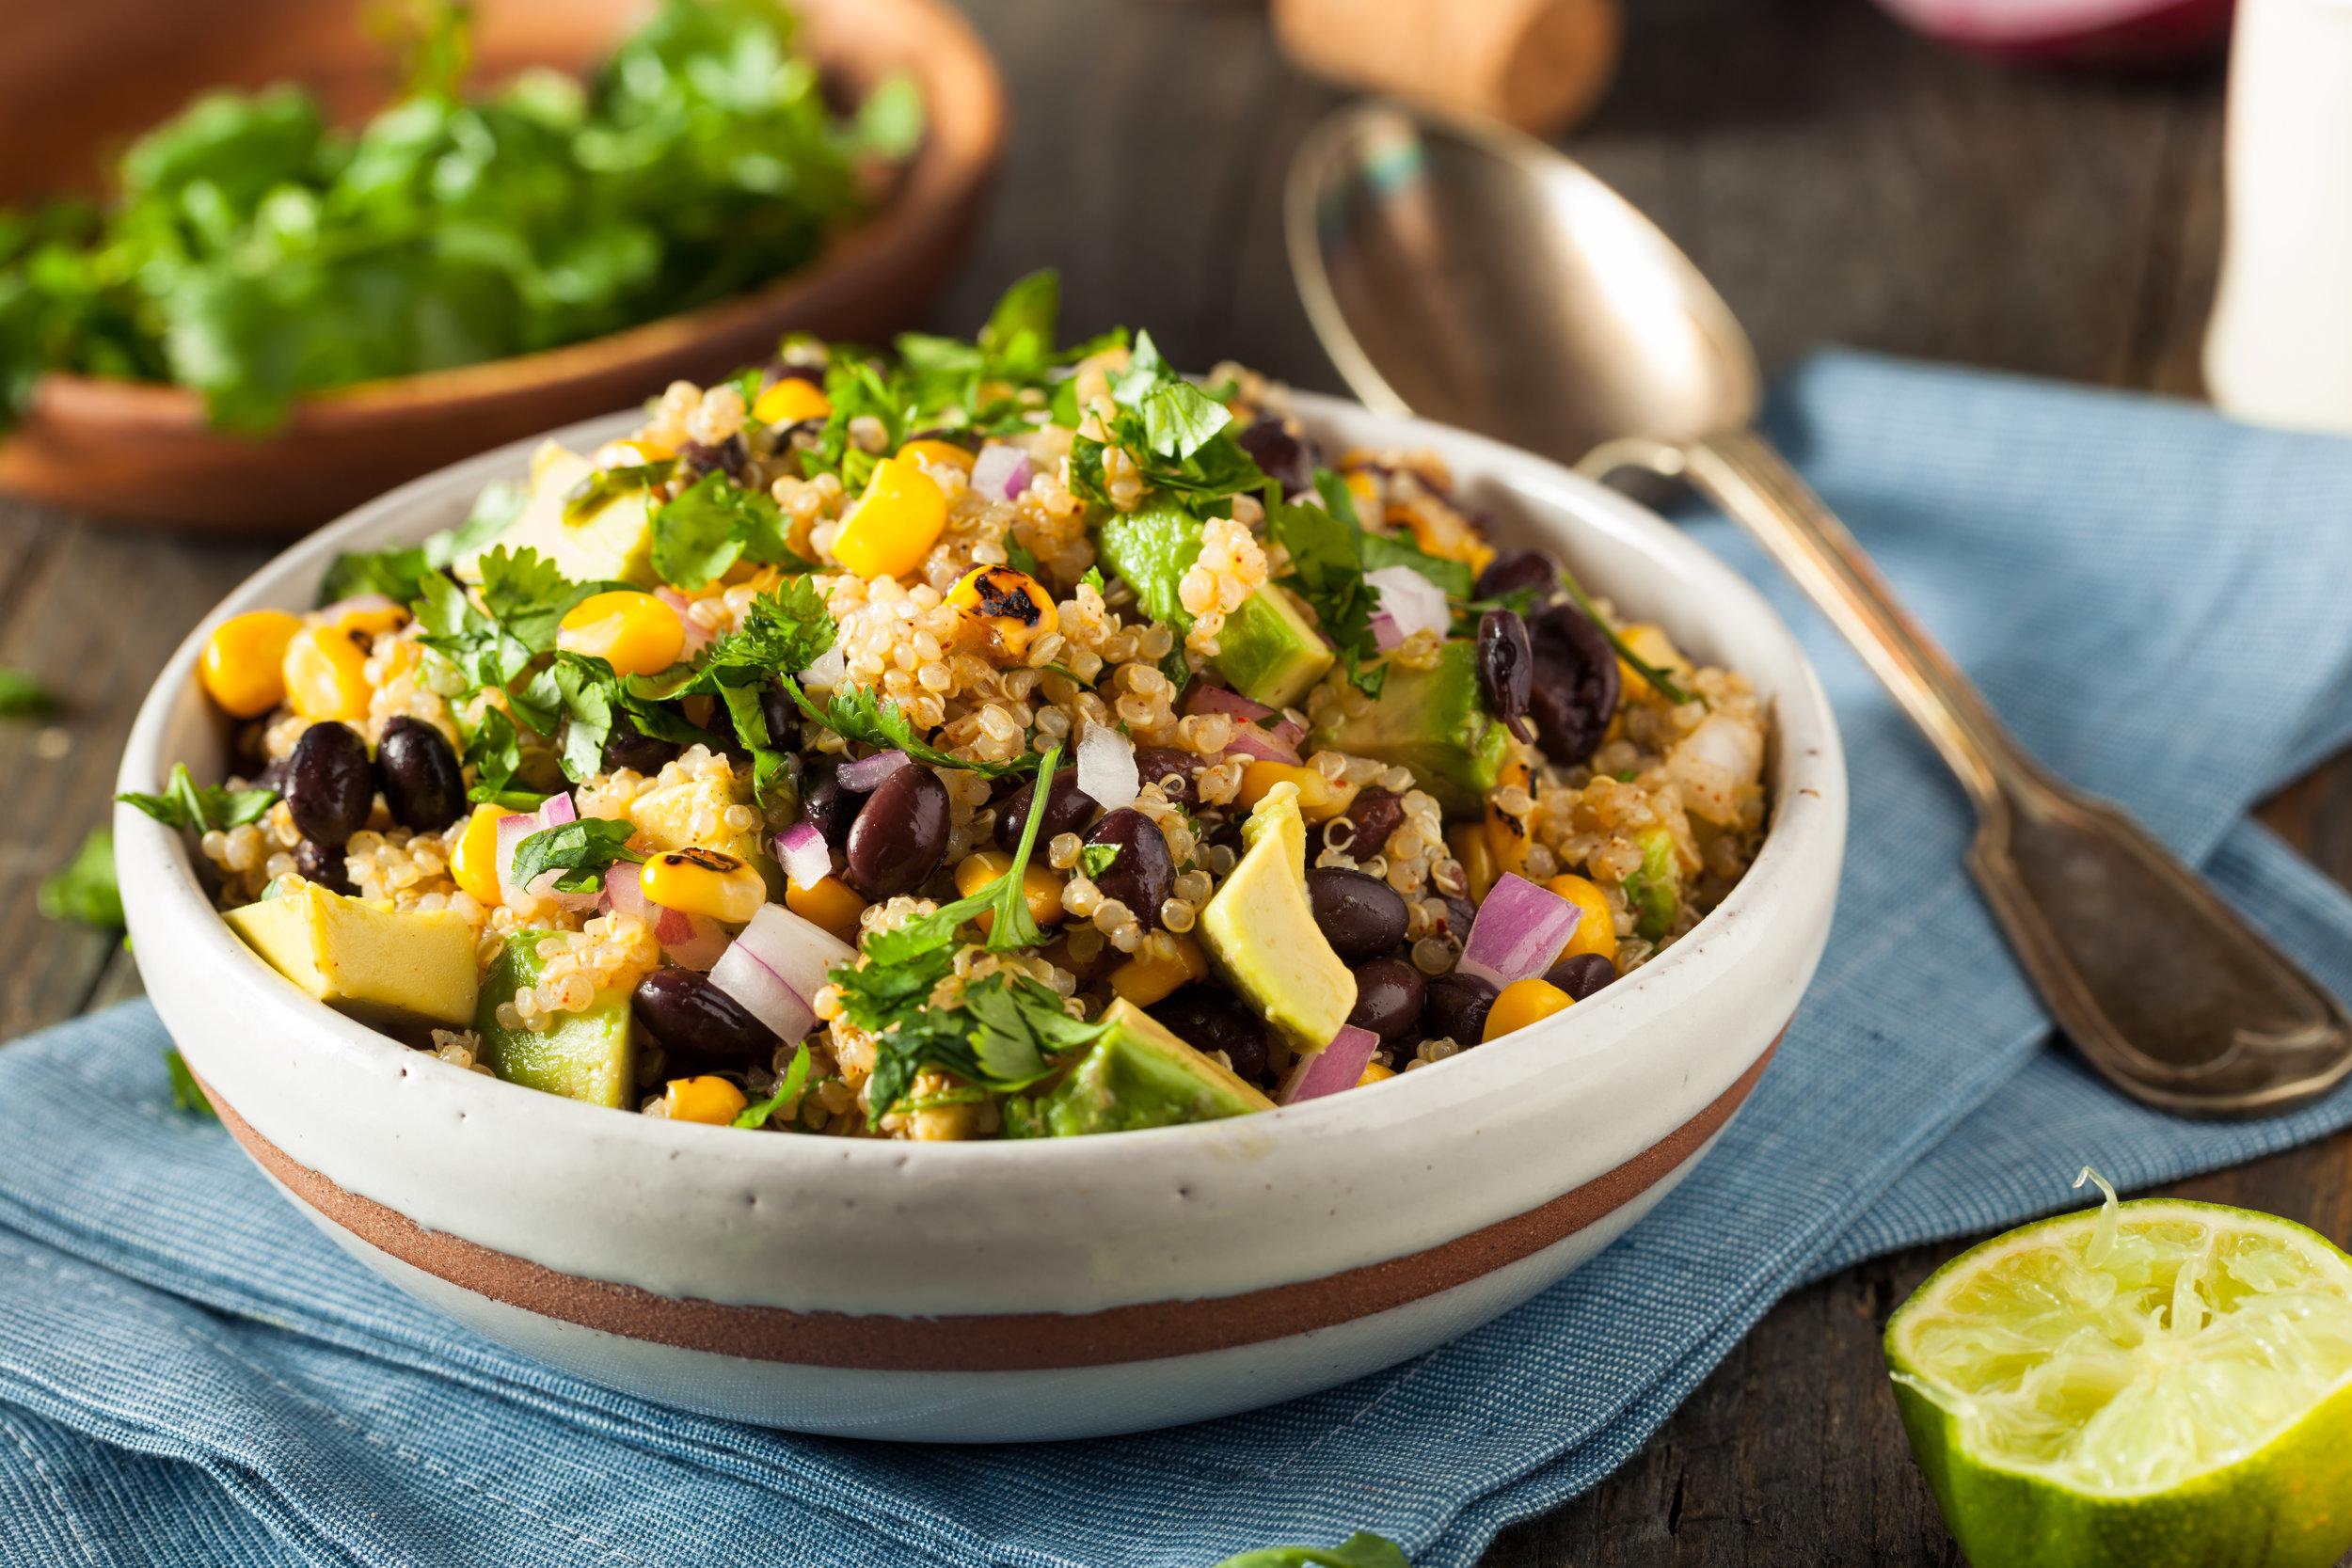 homemade-southwestern-mexican-quinoa-salad-PFQJM5G.jpg